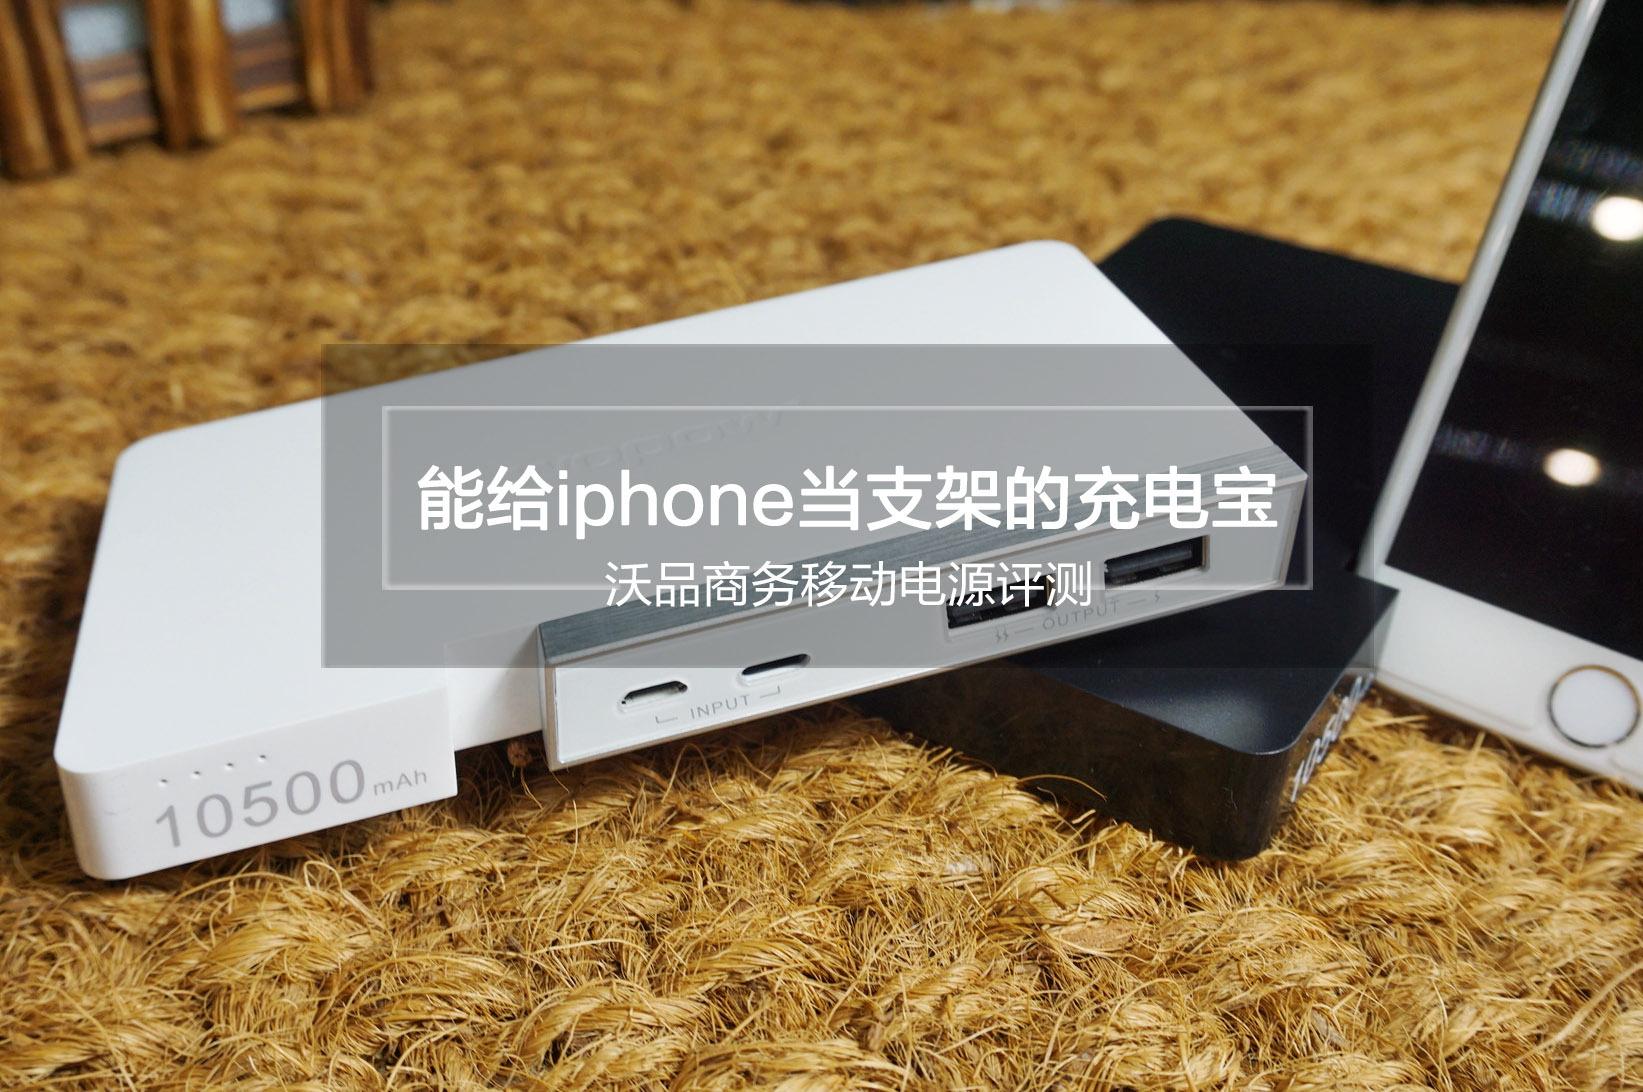 沃品S10商务移动电源评测 可当手机支架用的充电...